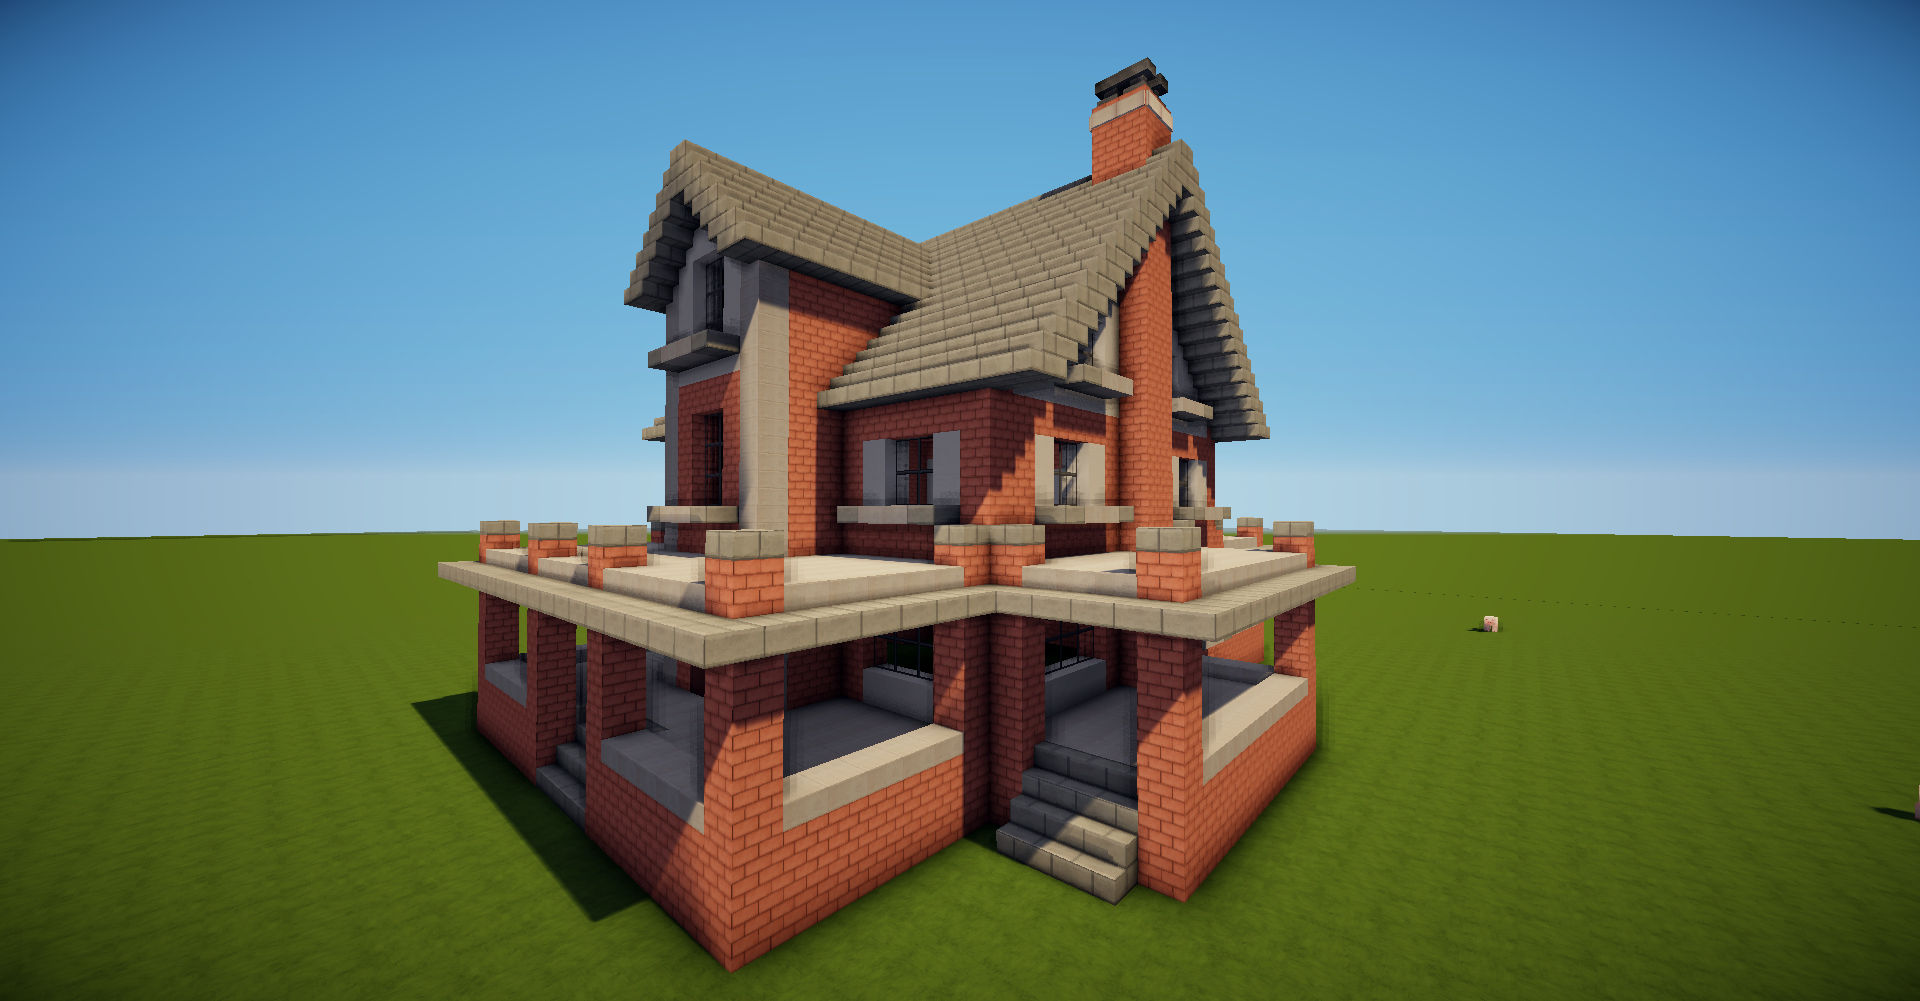 Bald Kommt Ein Neues Tutorial D Minecraft Haus Tutorial Bauen - Minecraft hauser mit bauplan